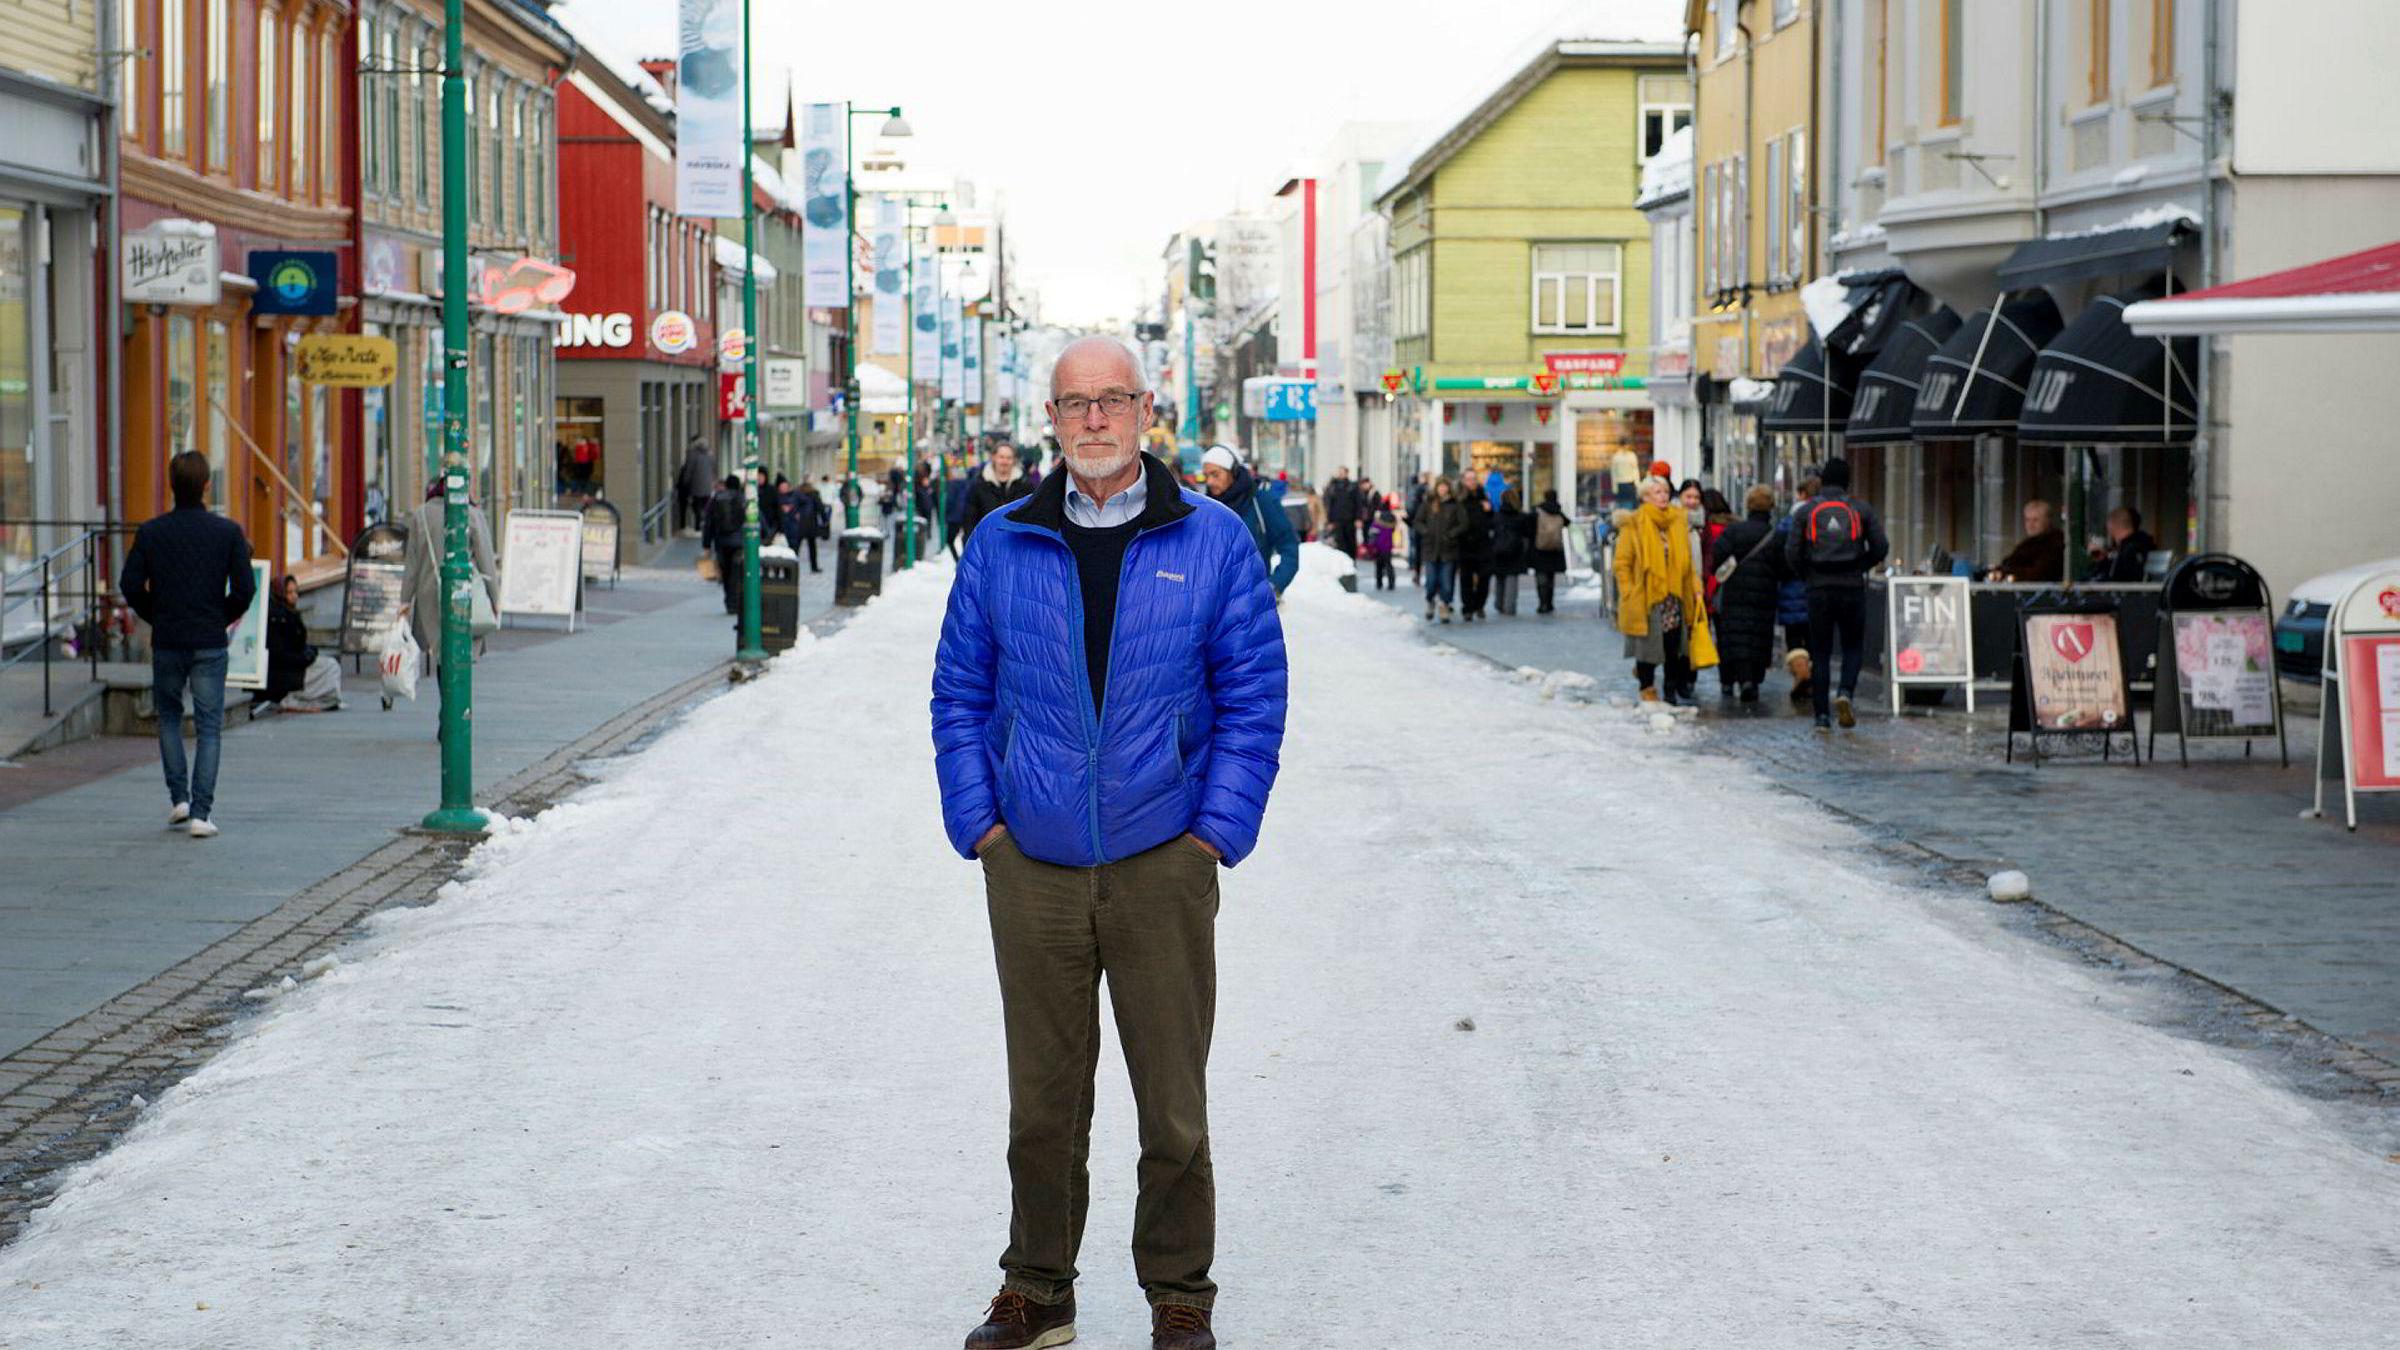 Næringslivsnestor Johan Petter Barlindhaug står bredbent i en gate med svært mange konkurser. Gründeren tror folkesjelen kan være med på å forklare hvorfor så mange bedrifter går over ende.